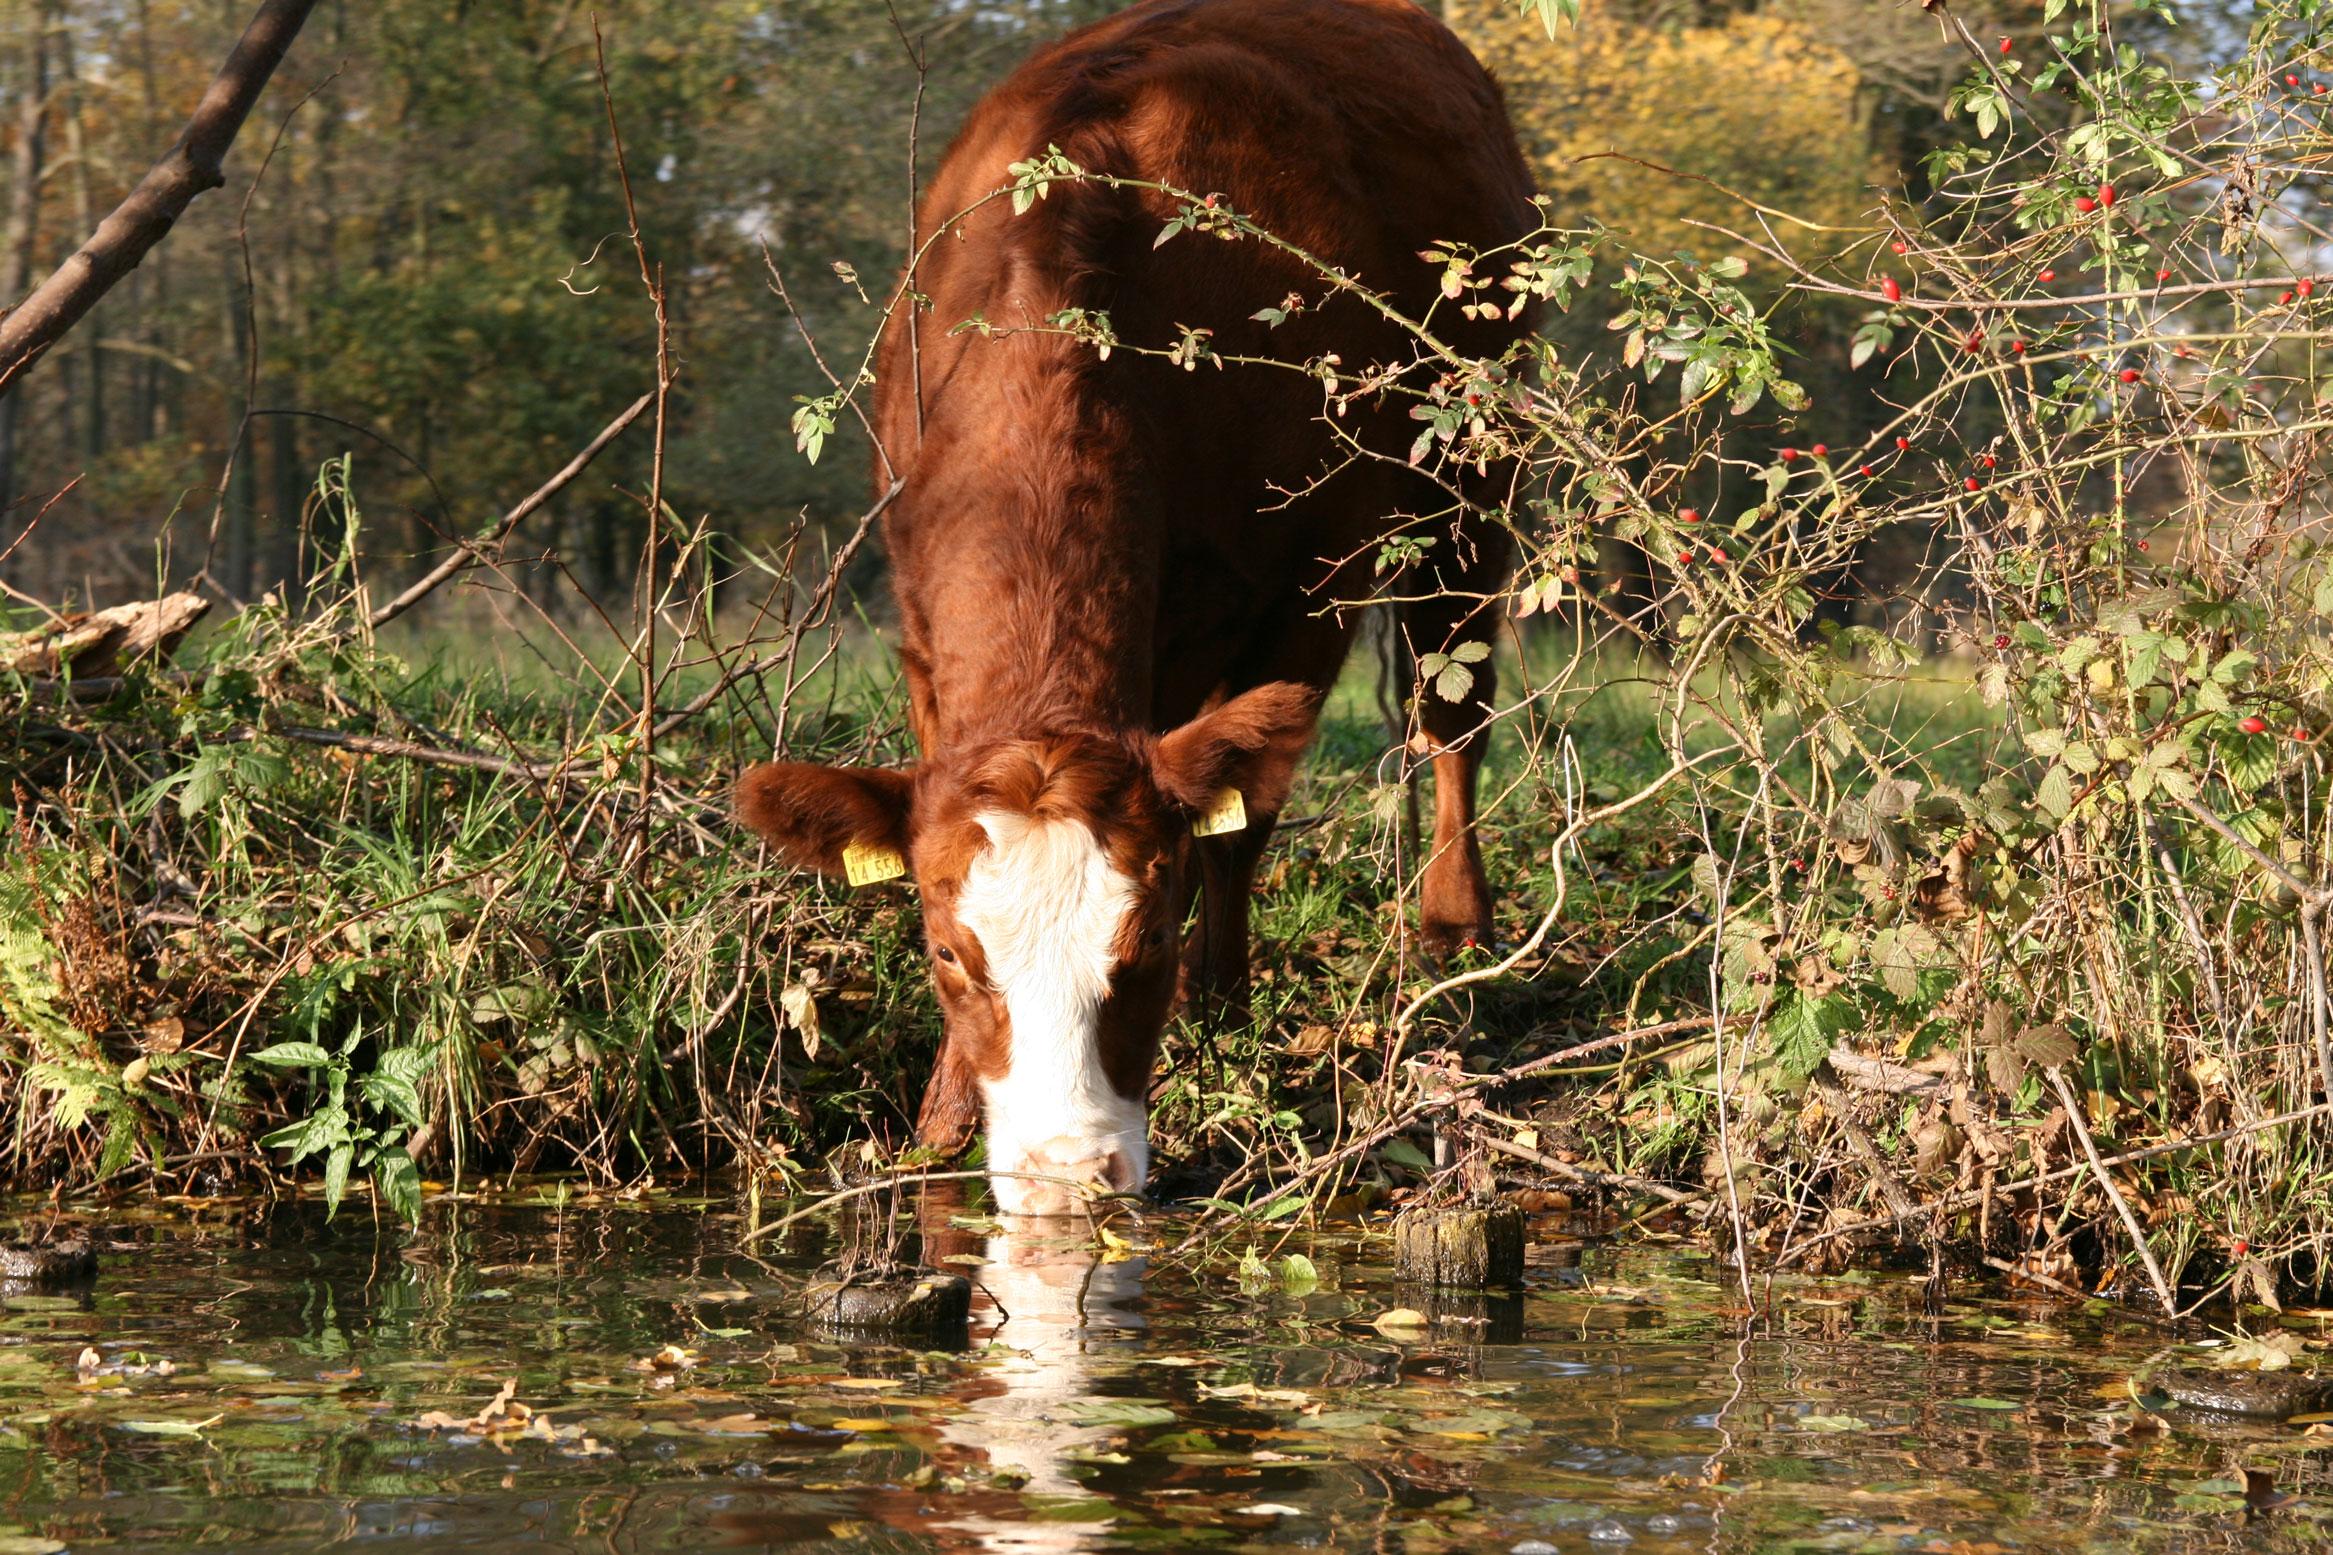 Wiesen und Weiden - Ohne Menschen wäre der Spreewald ein Bruchwald. Erst durch Äcker, Wiesen und Weiden entsteht im Naturraum die Vielfallt und der Artenreichtum. Das ist mühsam, denn die Flächen sind oft nur auf dem Wasser erreichbar. Beispielsweise muss jede Kuh mit einem Doppelkahn einzeln zur Weide gebracht werden.